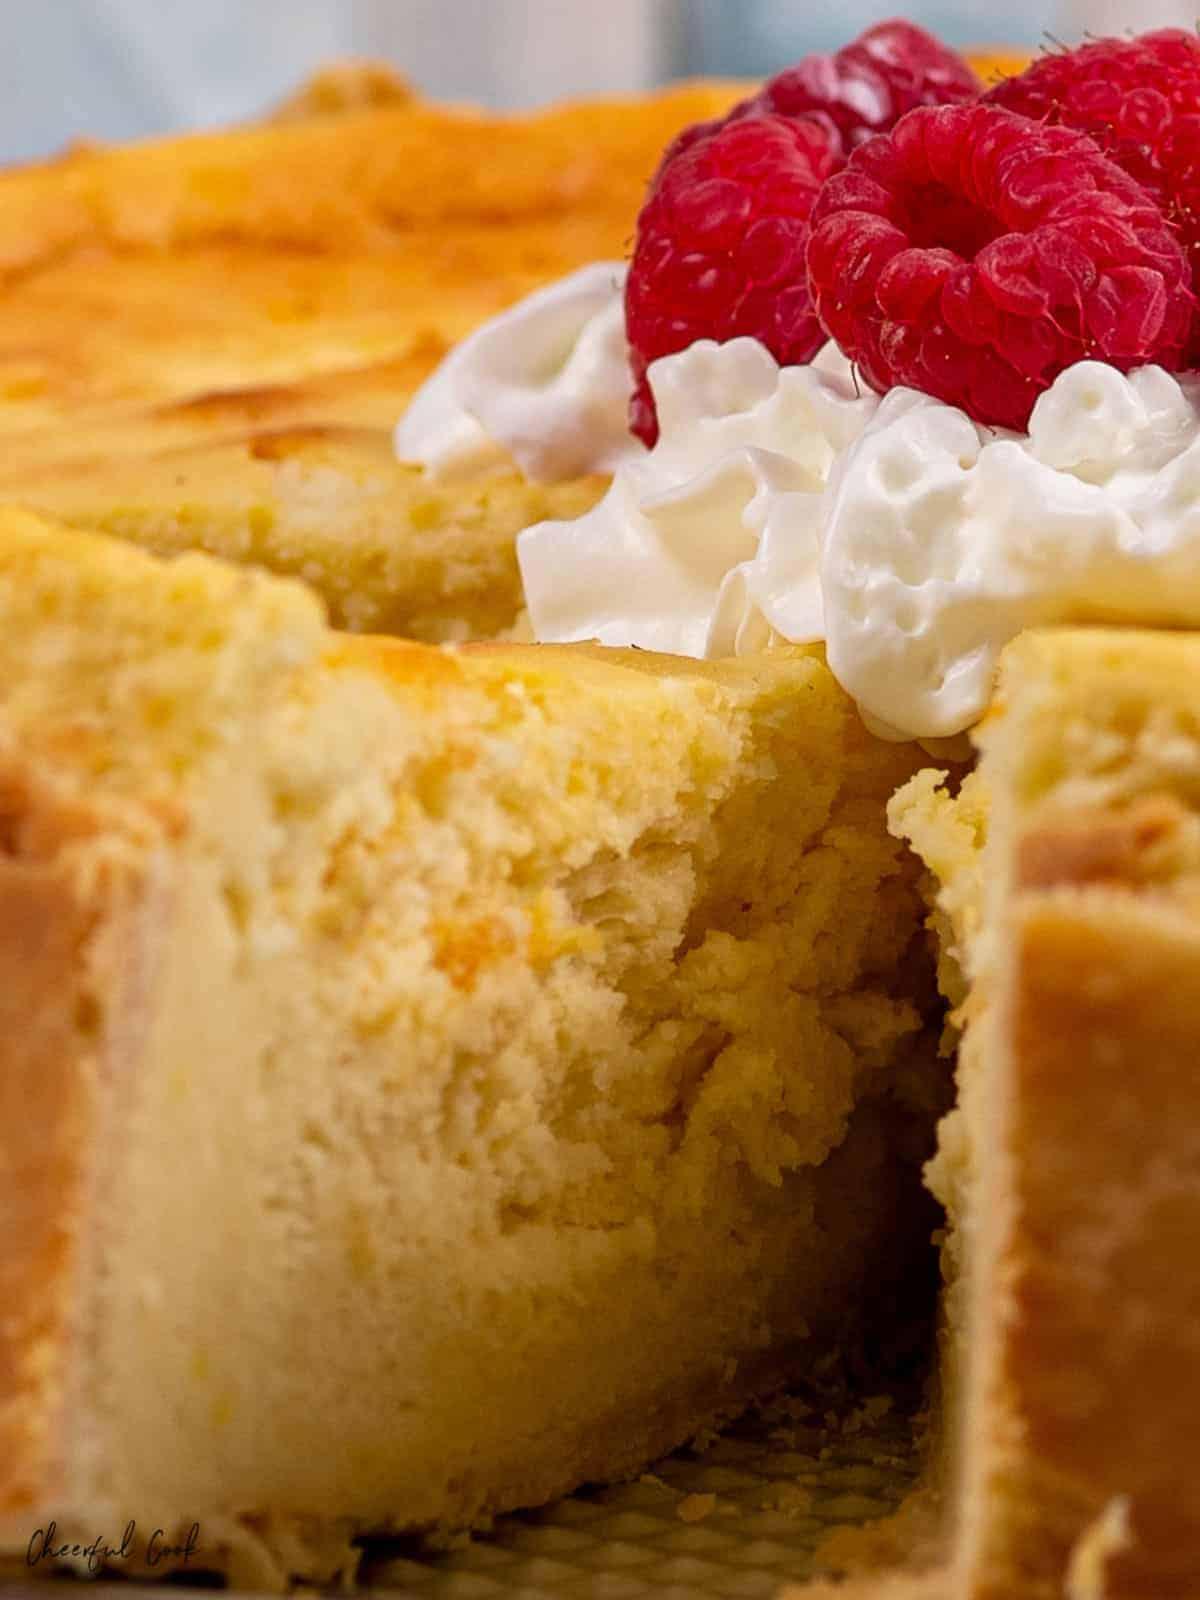 Getting a slice of German Cheesecake also known als Käsekuchen